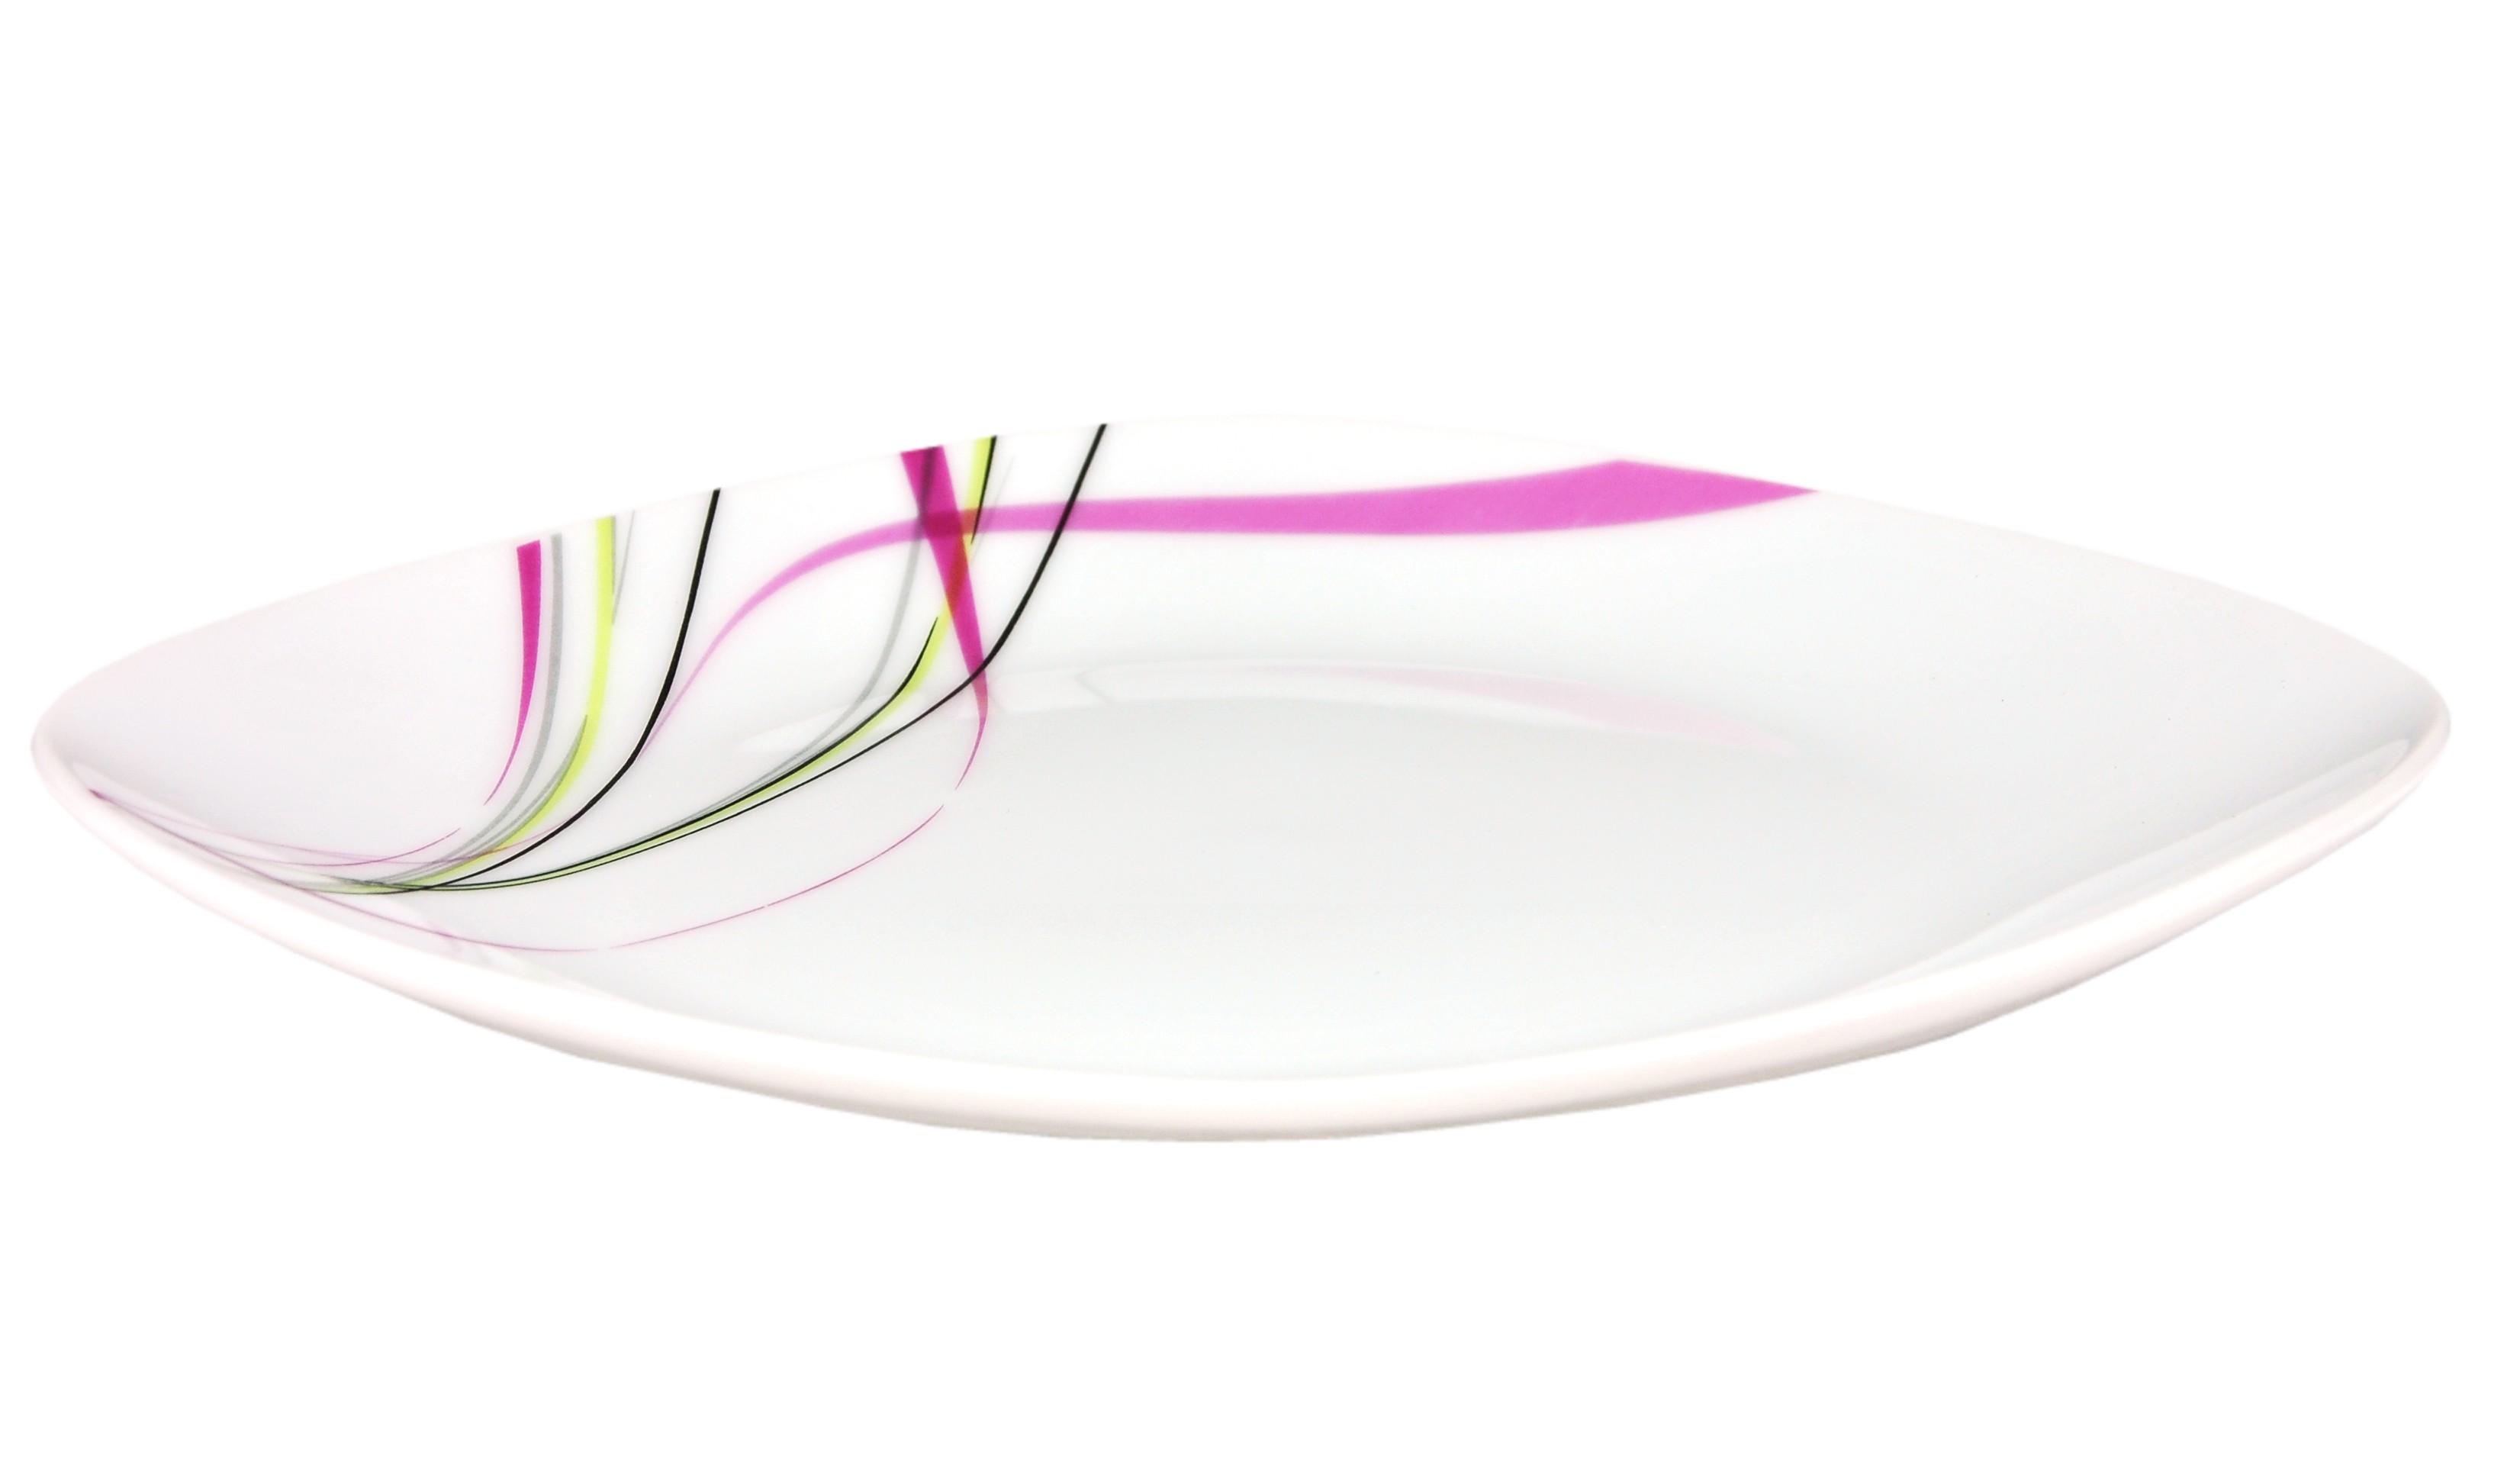 tafelservice fashion 12tlg leicht eckig porzellan f r 6 personen wei mit liniendekor porzellan. Black Bedroom Furniture Sets. Home Design Ideas